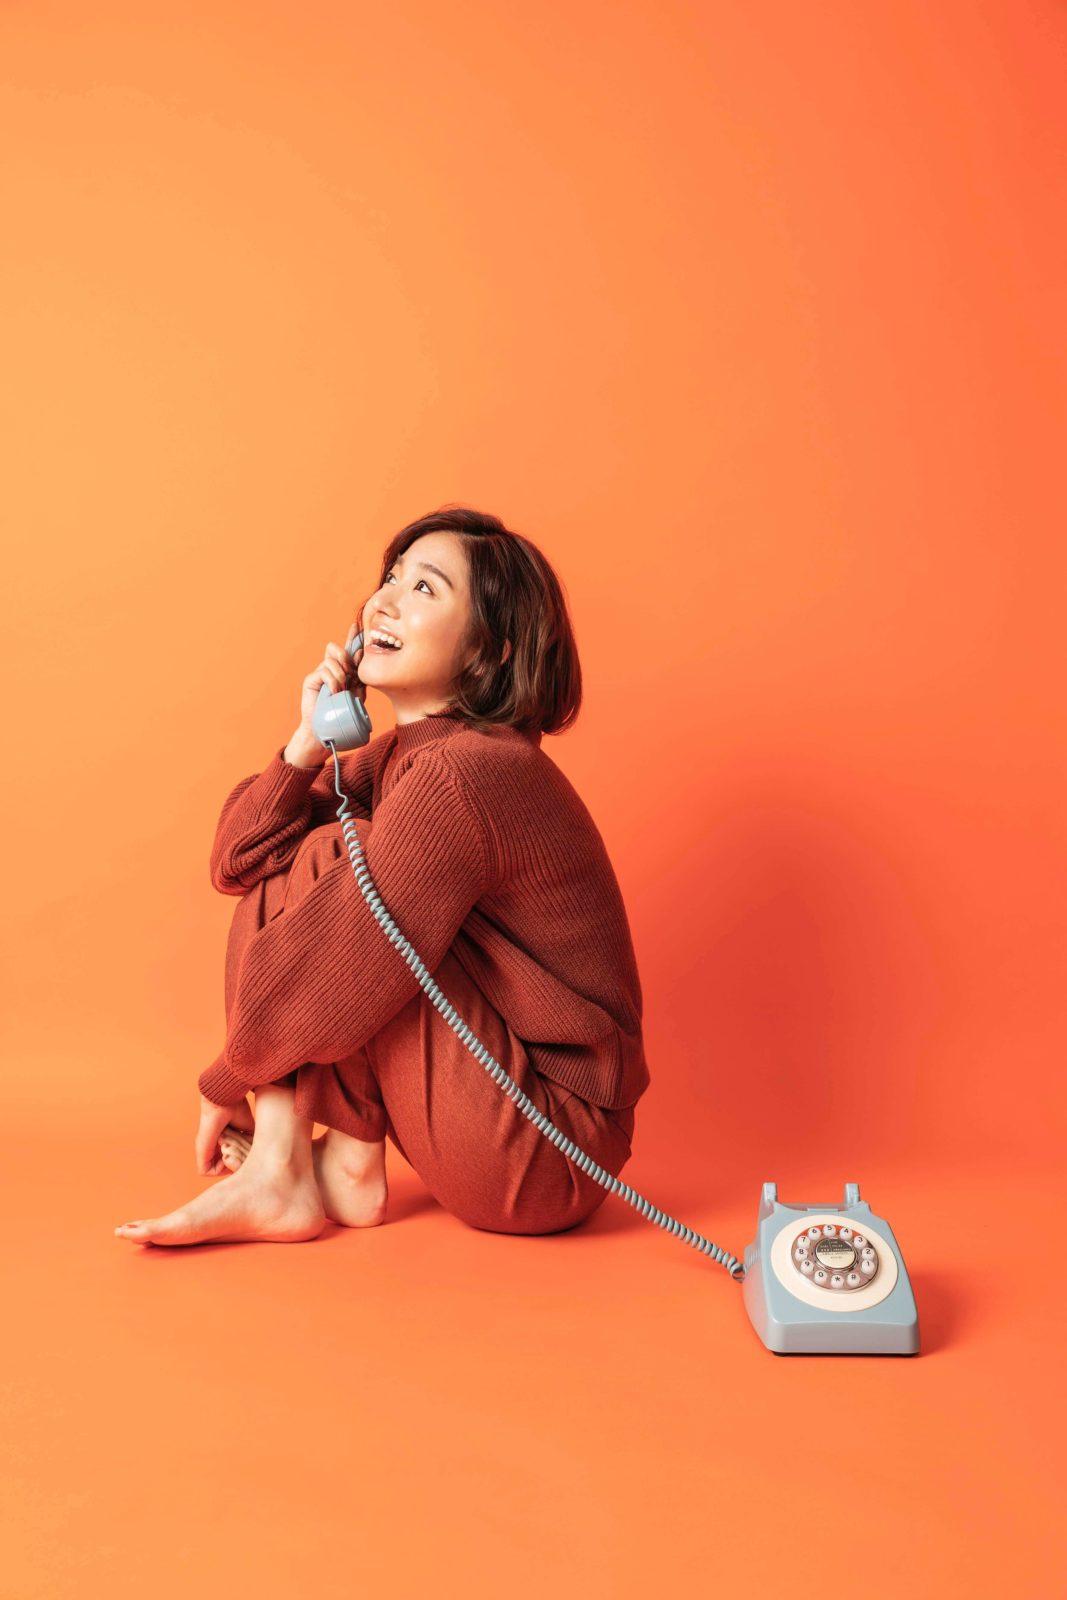 杏沙子、「こっちがいい」Music Video(Full Ver.) YouTubeプレミア公開に本人登場サムネイル画像